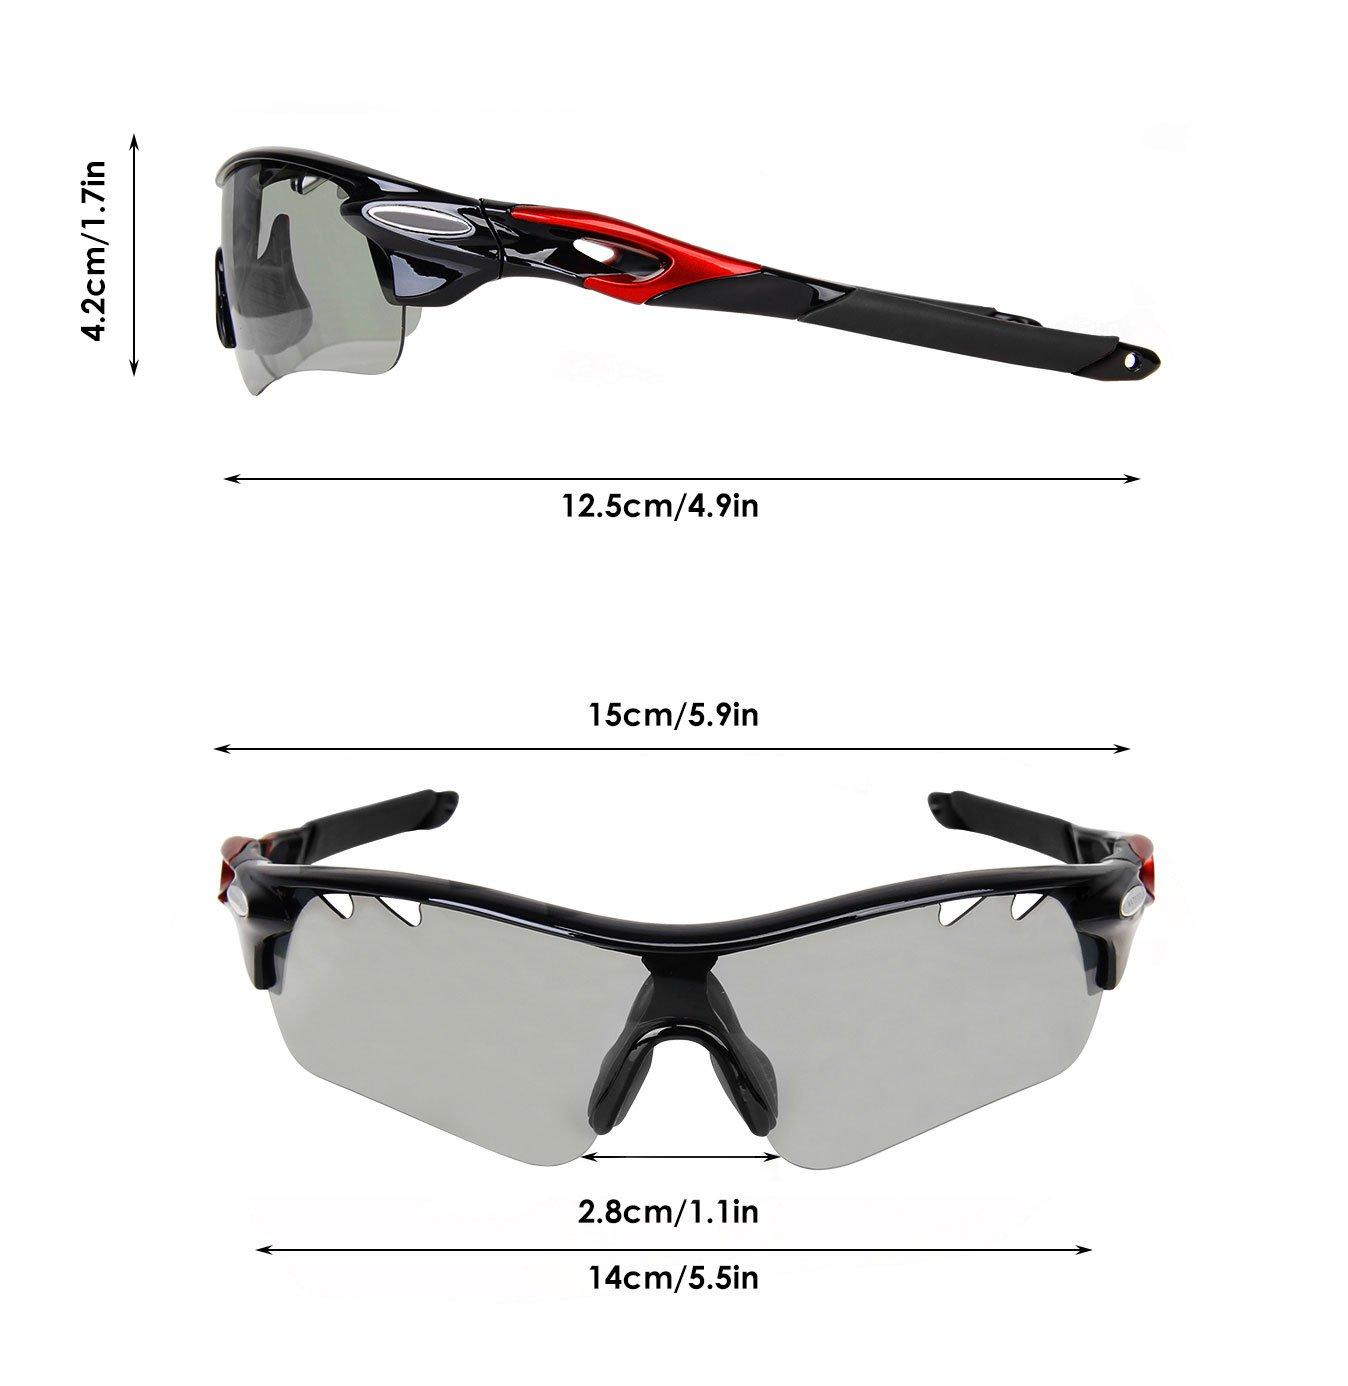 Gafas de sol fotocromáticas Gardom para ciclismo, con protección UV, lente que cambia de color, con correas para conducción, pesca, golf, ...